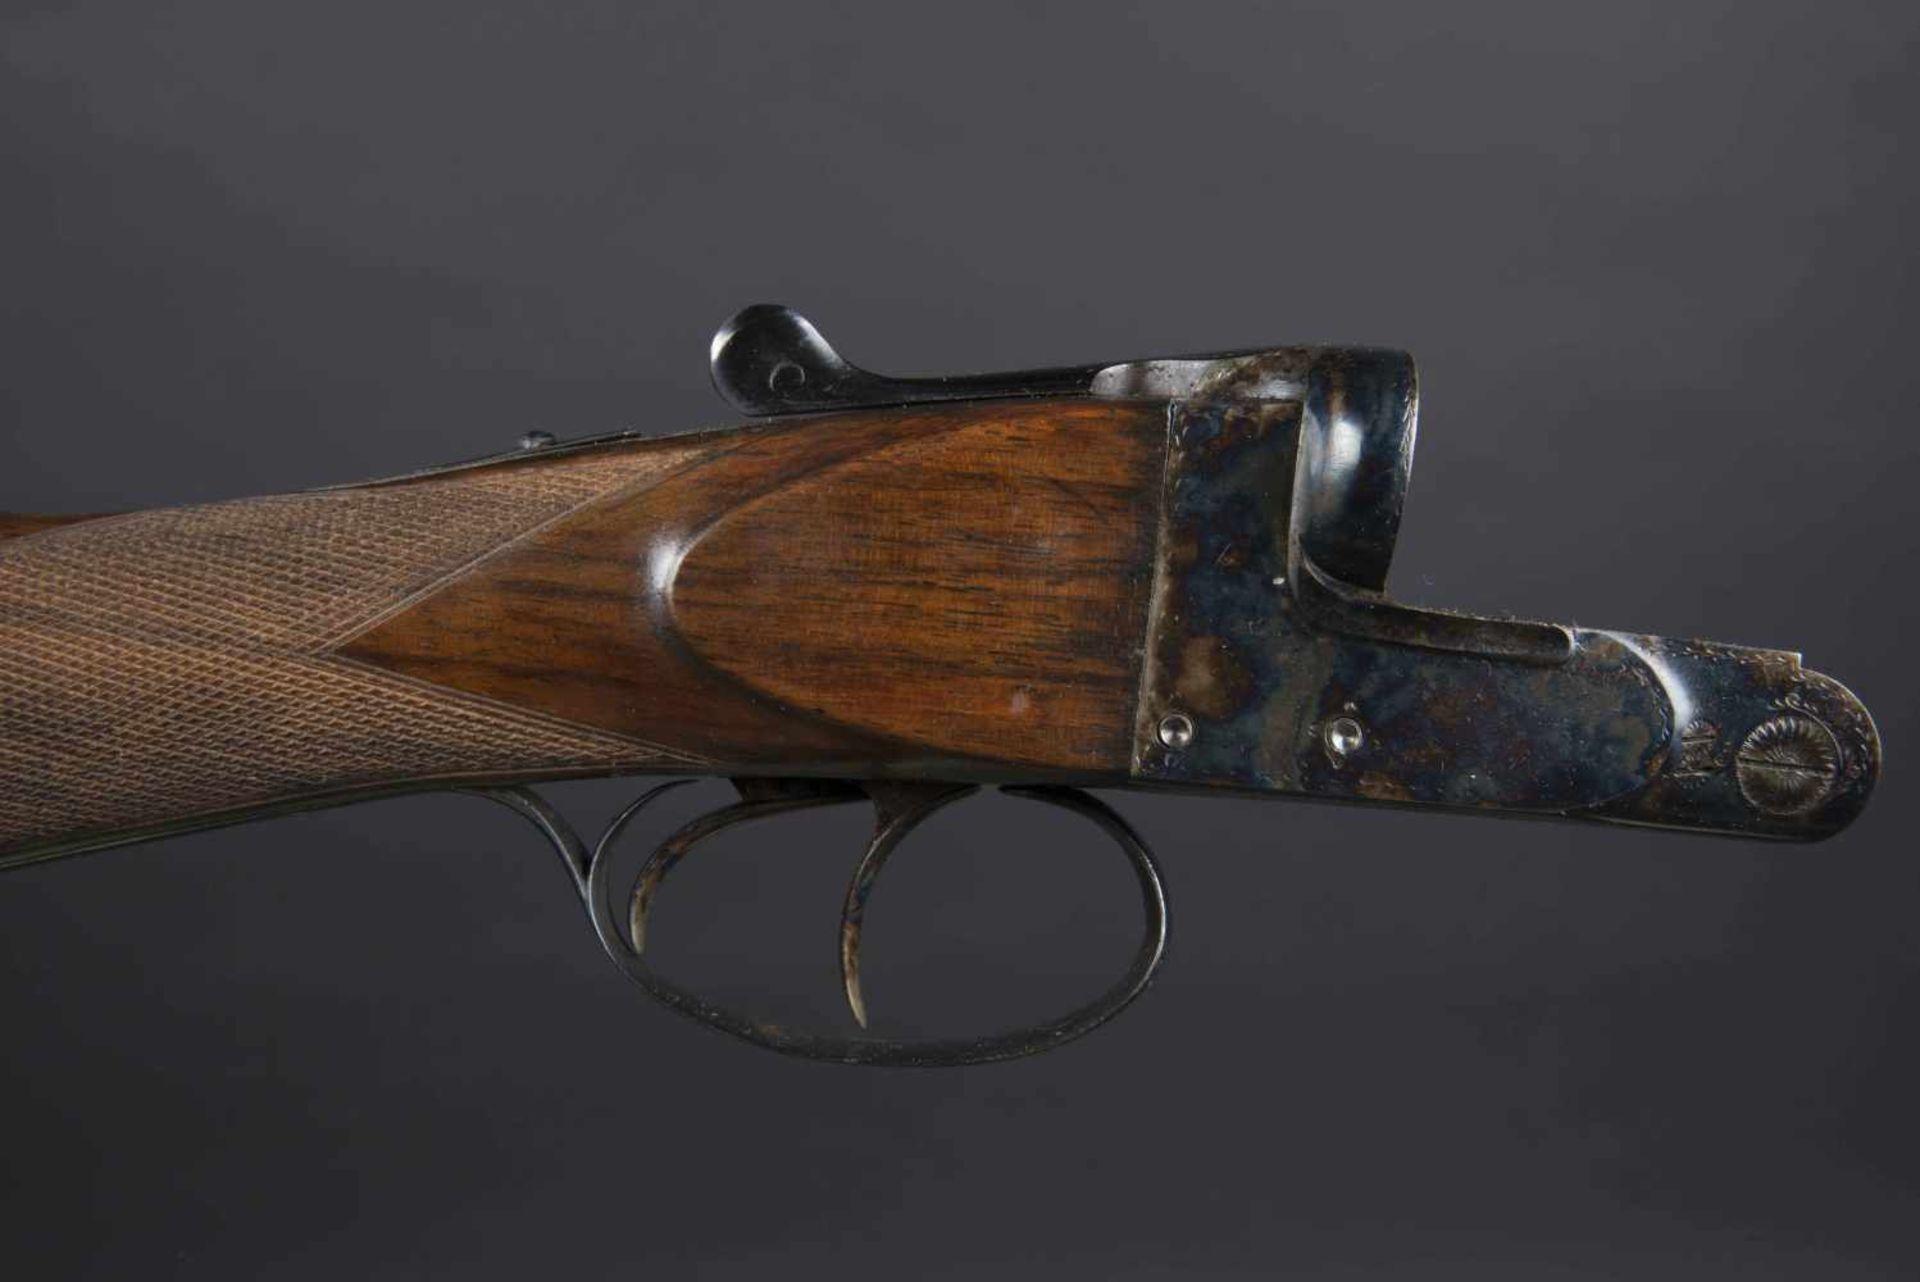 Fusil juxtaposé artisanal Catégorie C Calibre 16/70, numéro 4045, fabrication Poicon Caen, canon - Bild 2 aus 3